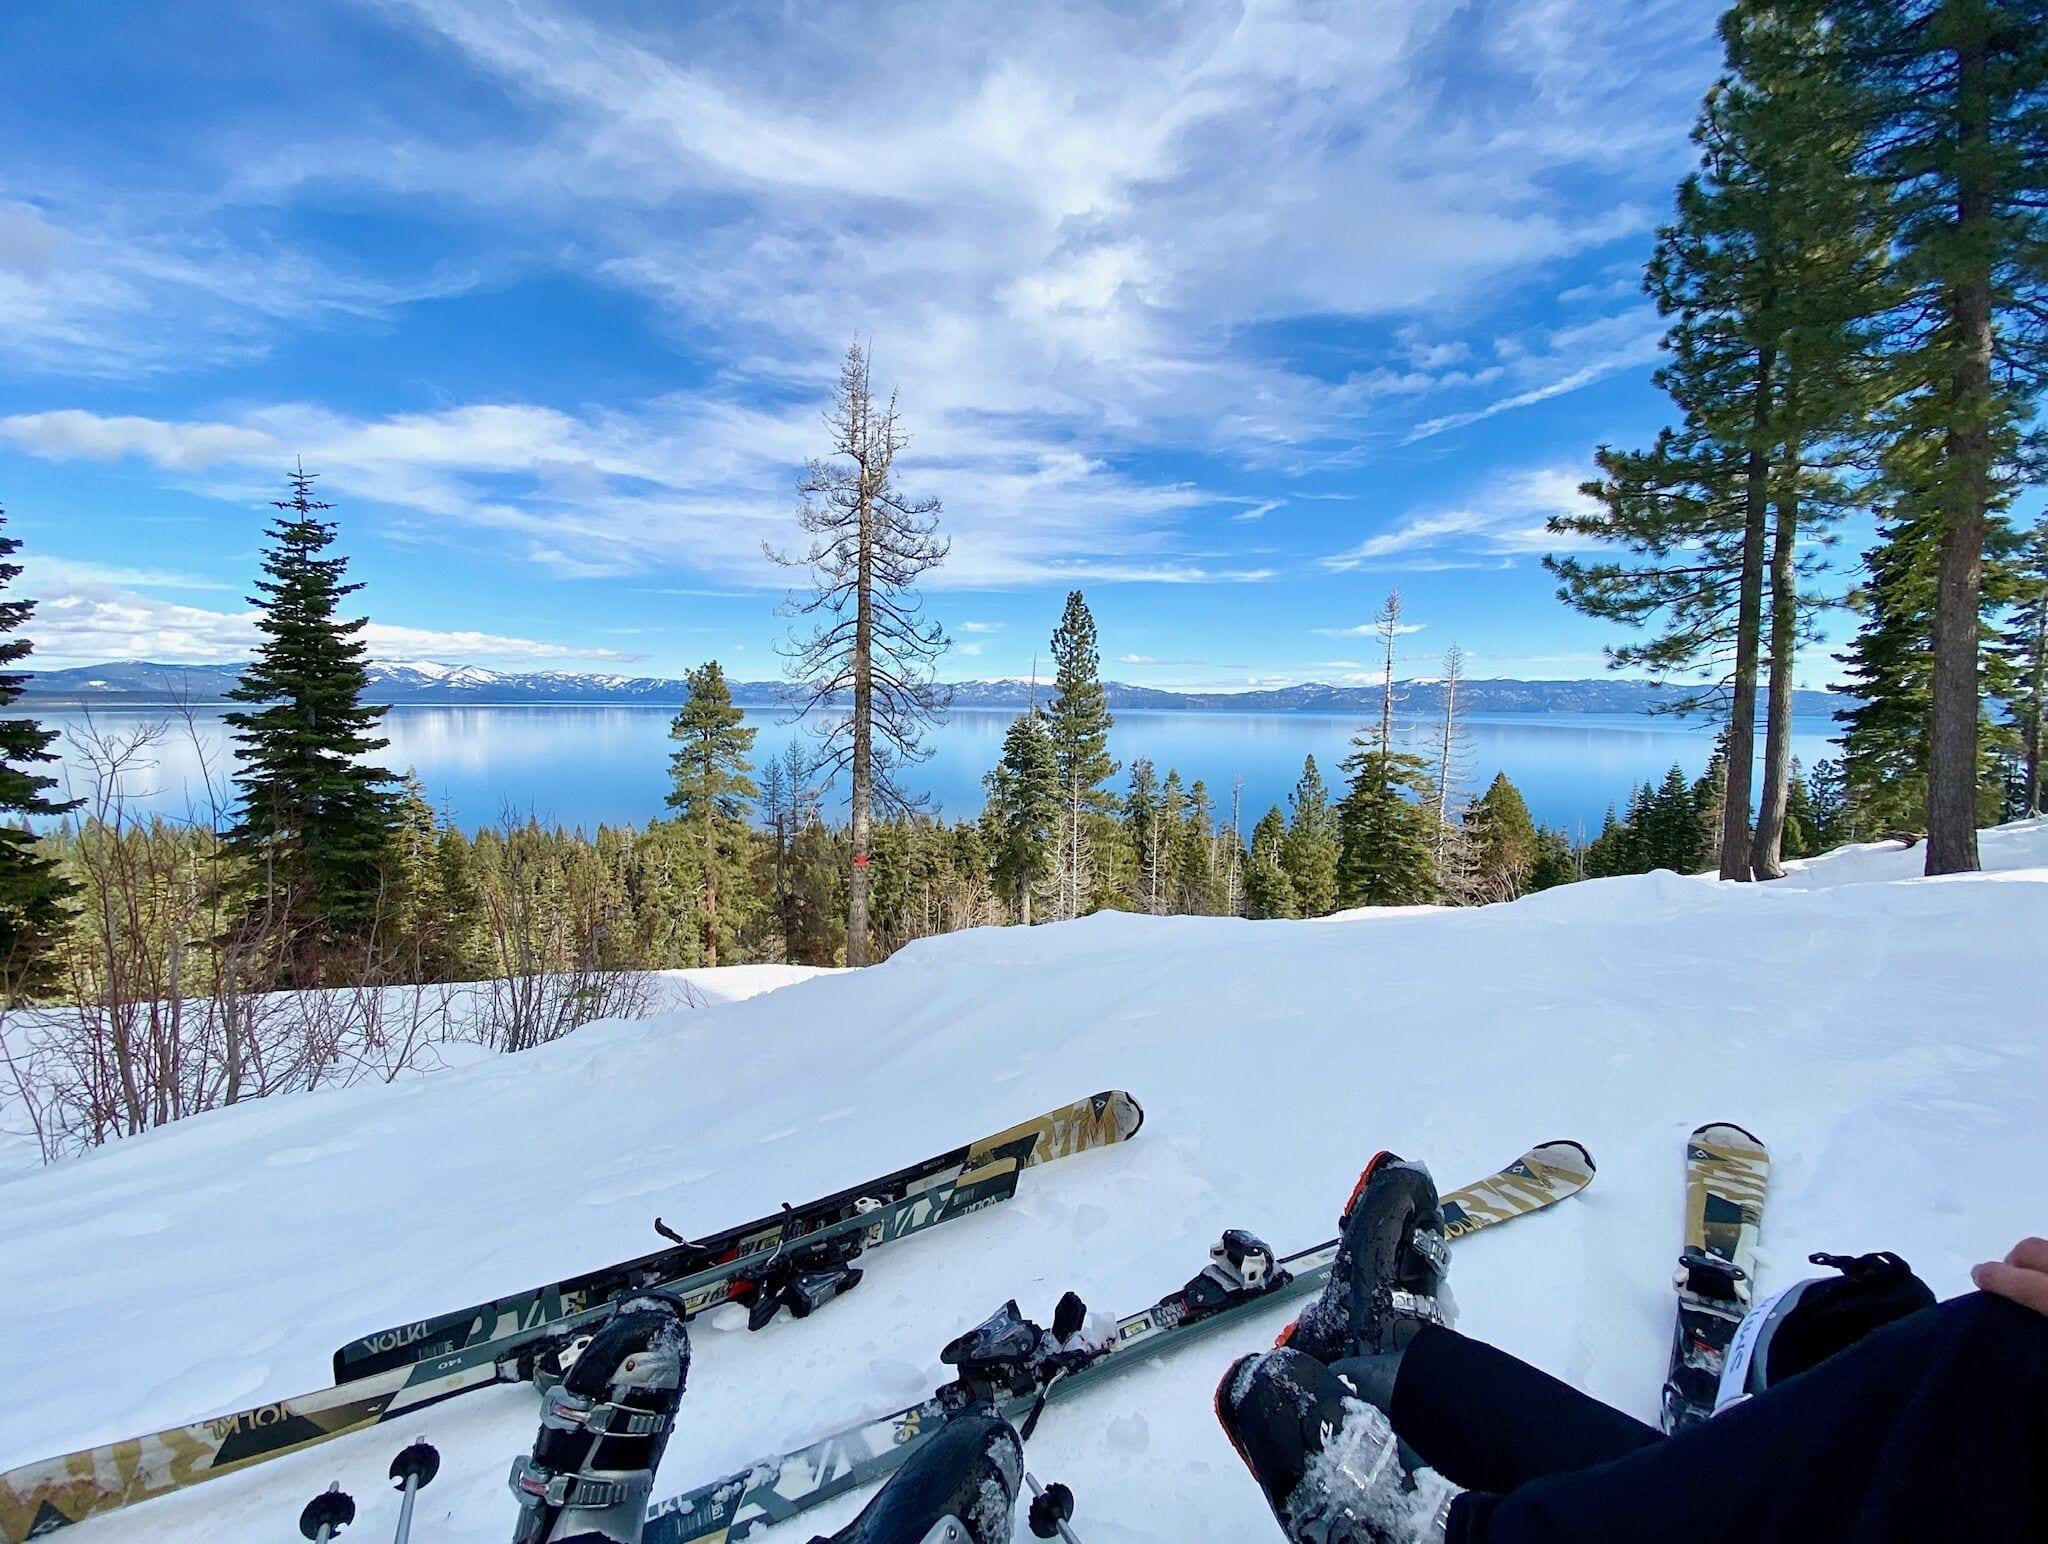 Lake Tahoe Ski Resort